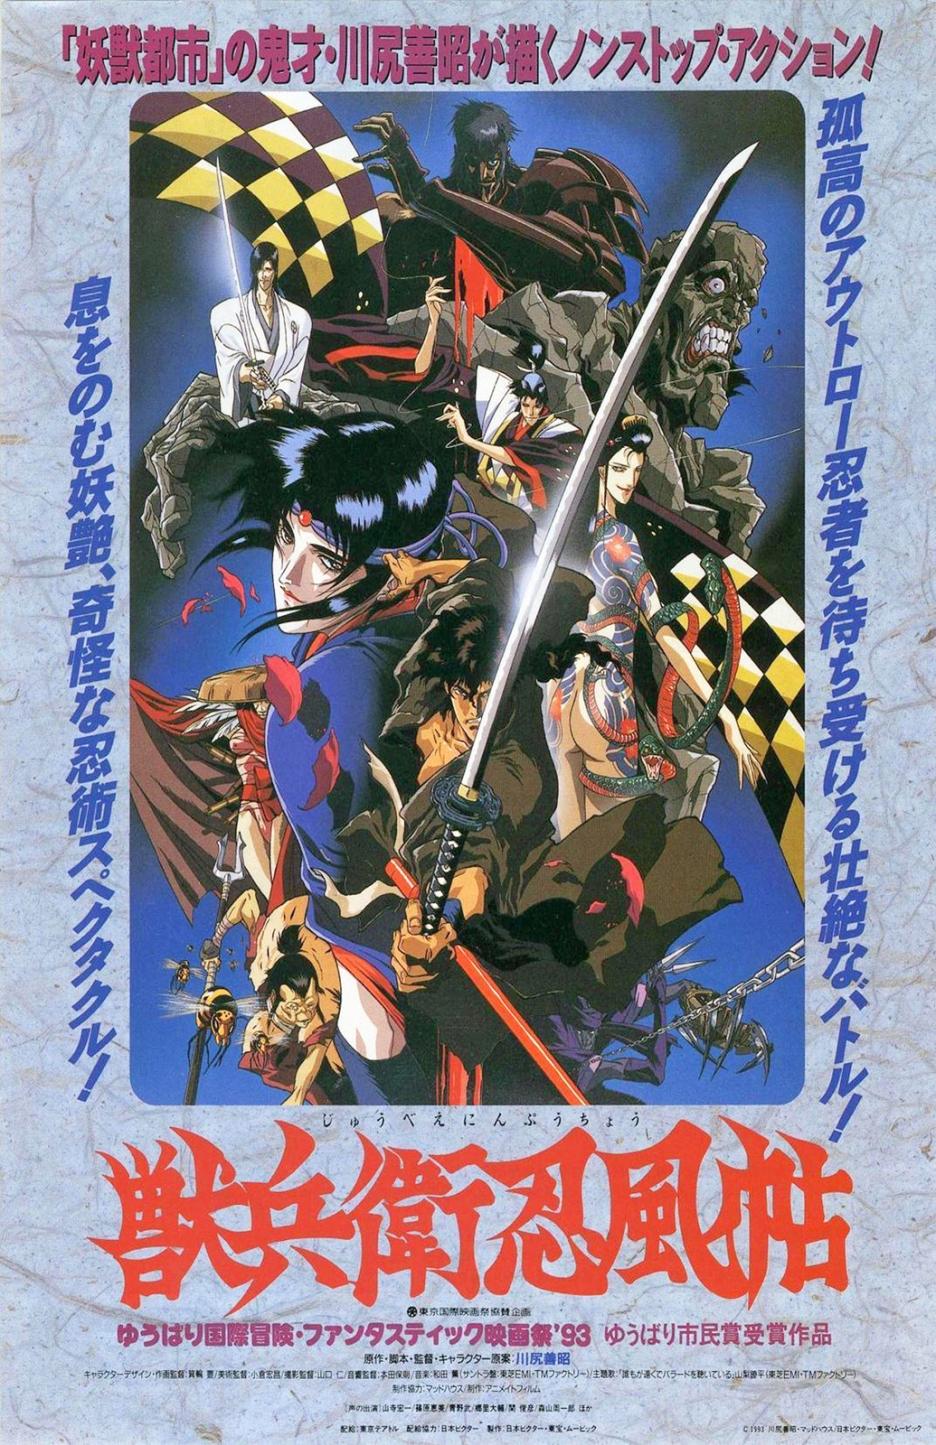 Poster for Ninja Scroll